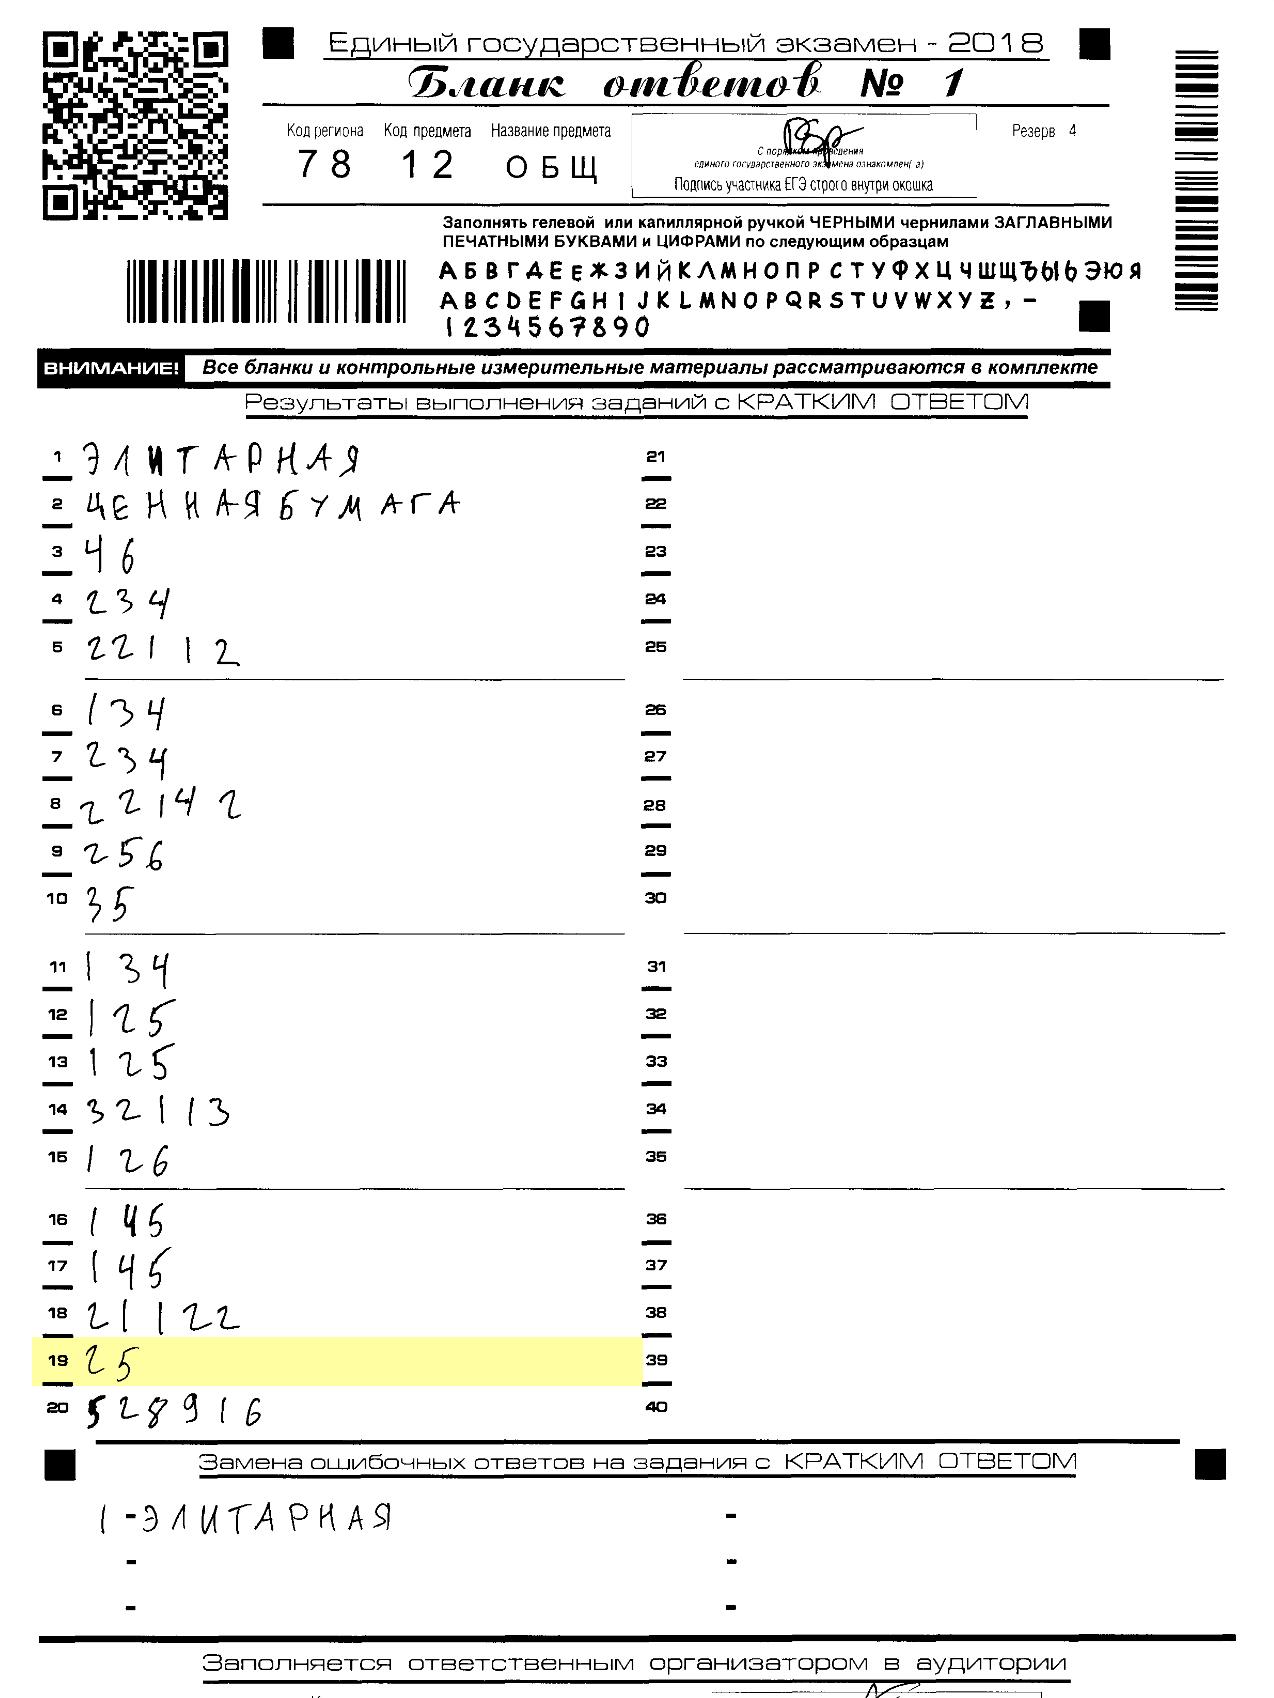 Скан бланка первой части ЕГЭ, который распознает компьютер. Официально такие сканы экзаменационных бланков называются образами